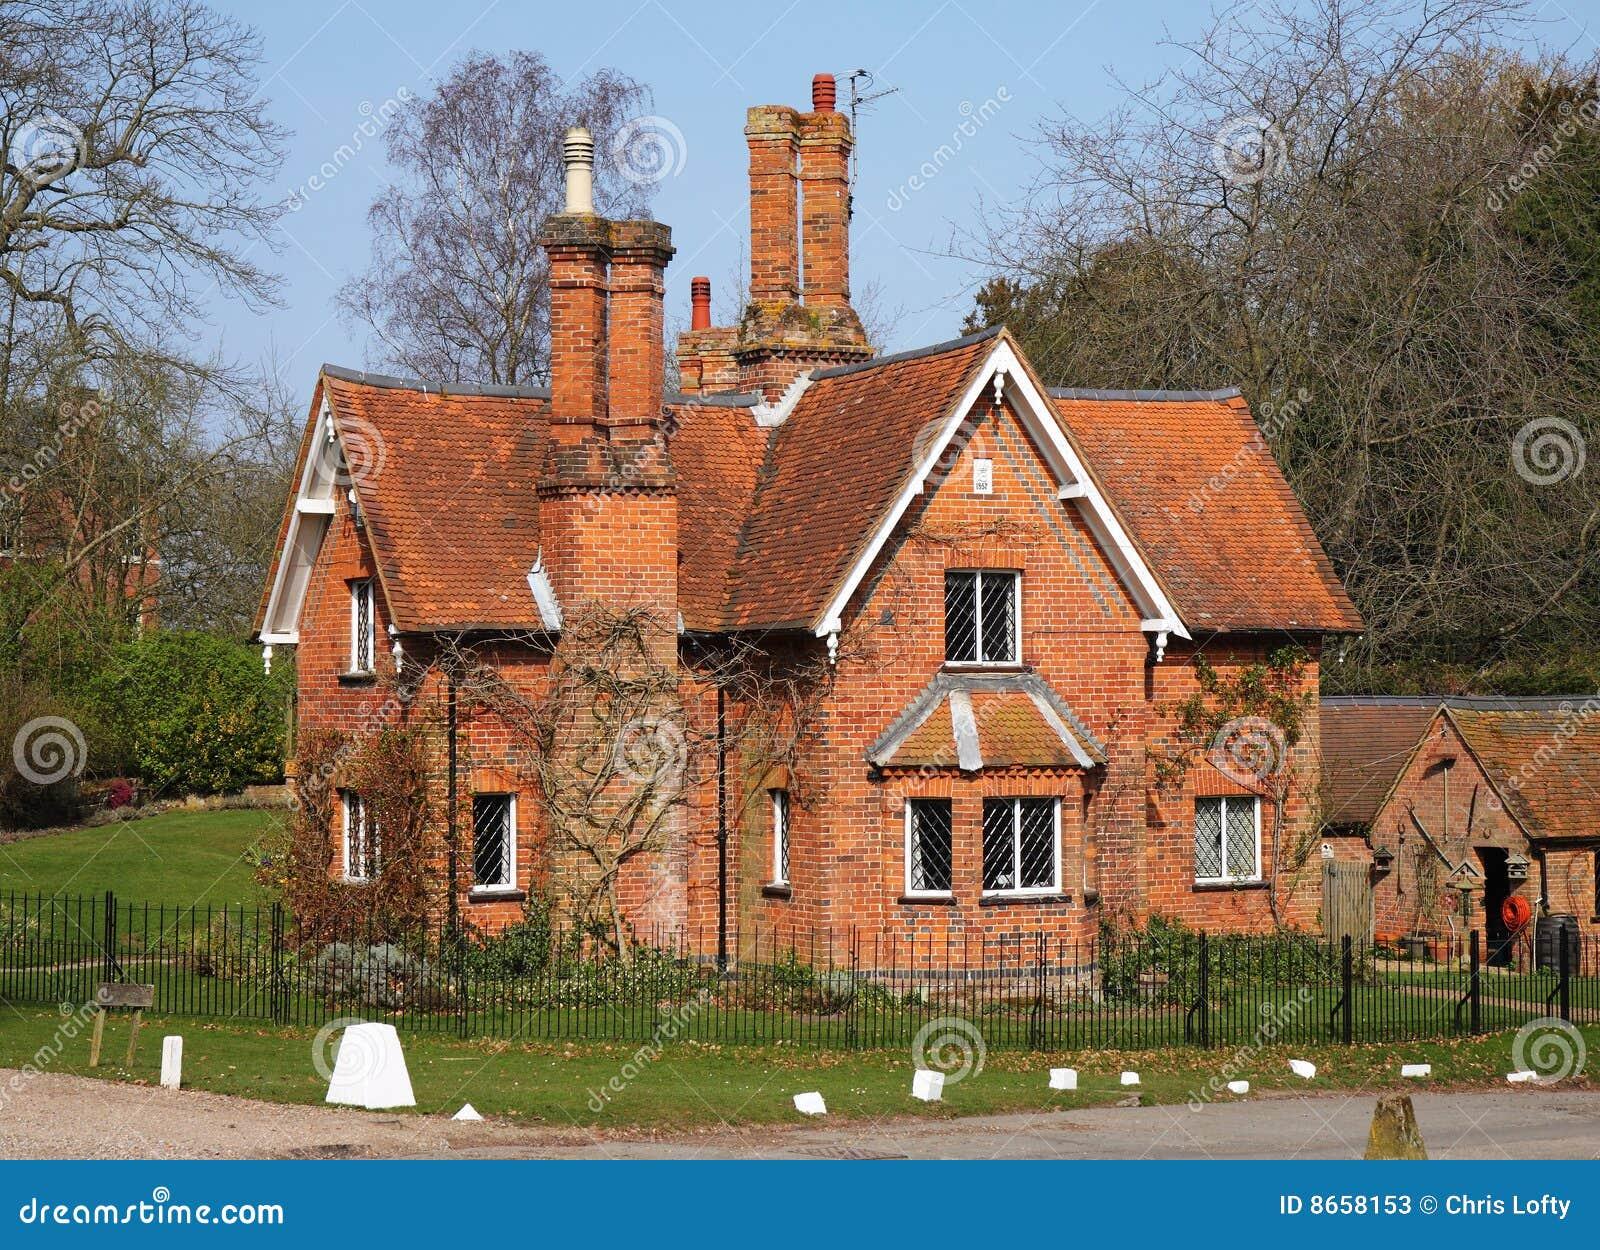 Maison de loge de l anglais de Traditioanl